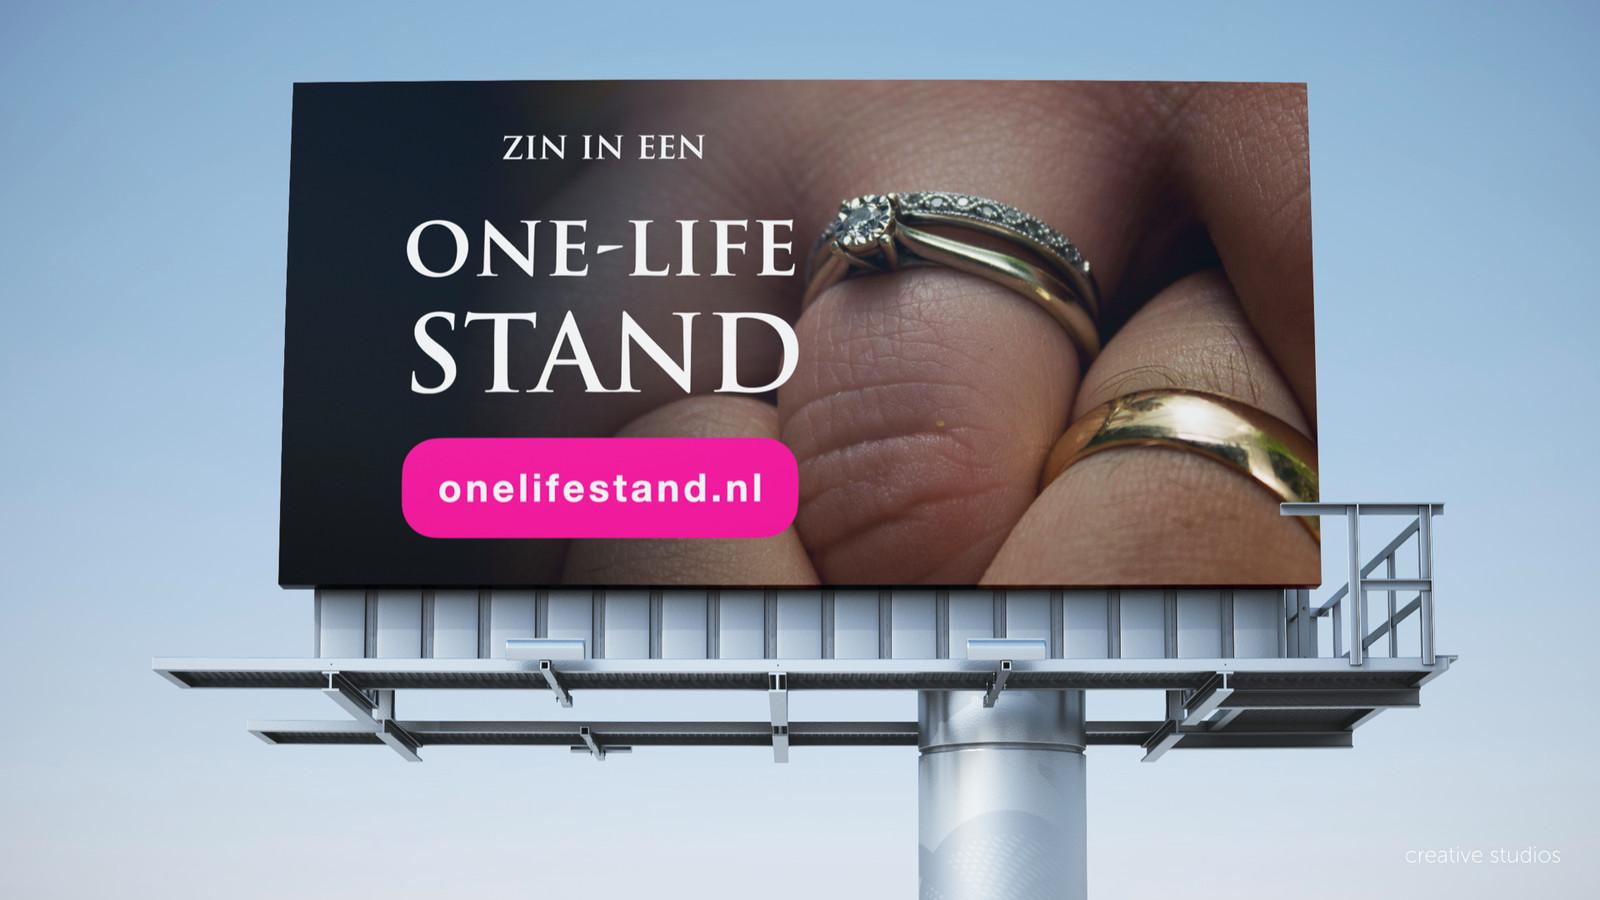 Dit billboardontwerp was lange tijd de populairste. Maar de site die erop staat, verwijst nu naar Gaykrant.nl.